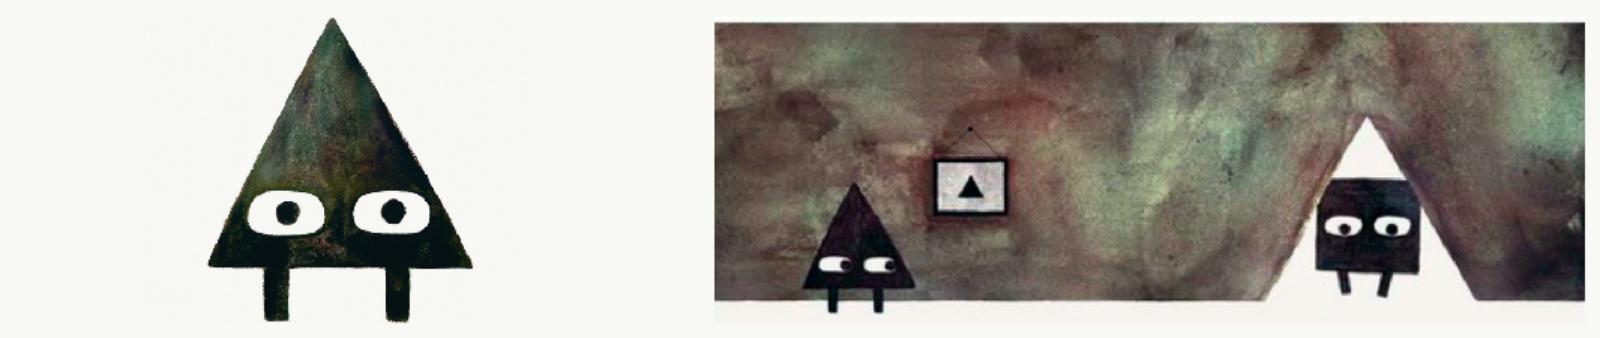 TRIANGLE, ou les formes géométriques vues autrement